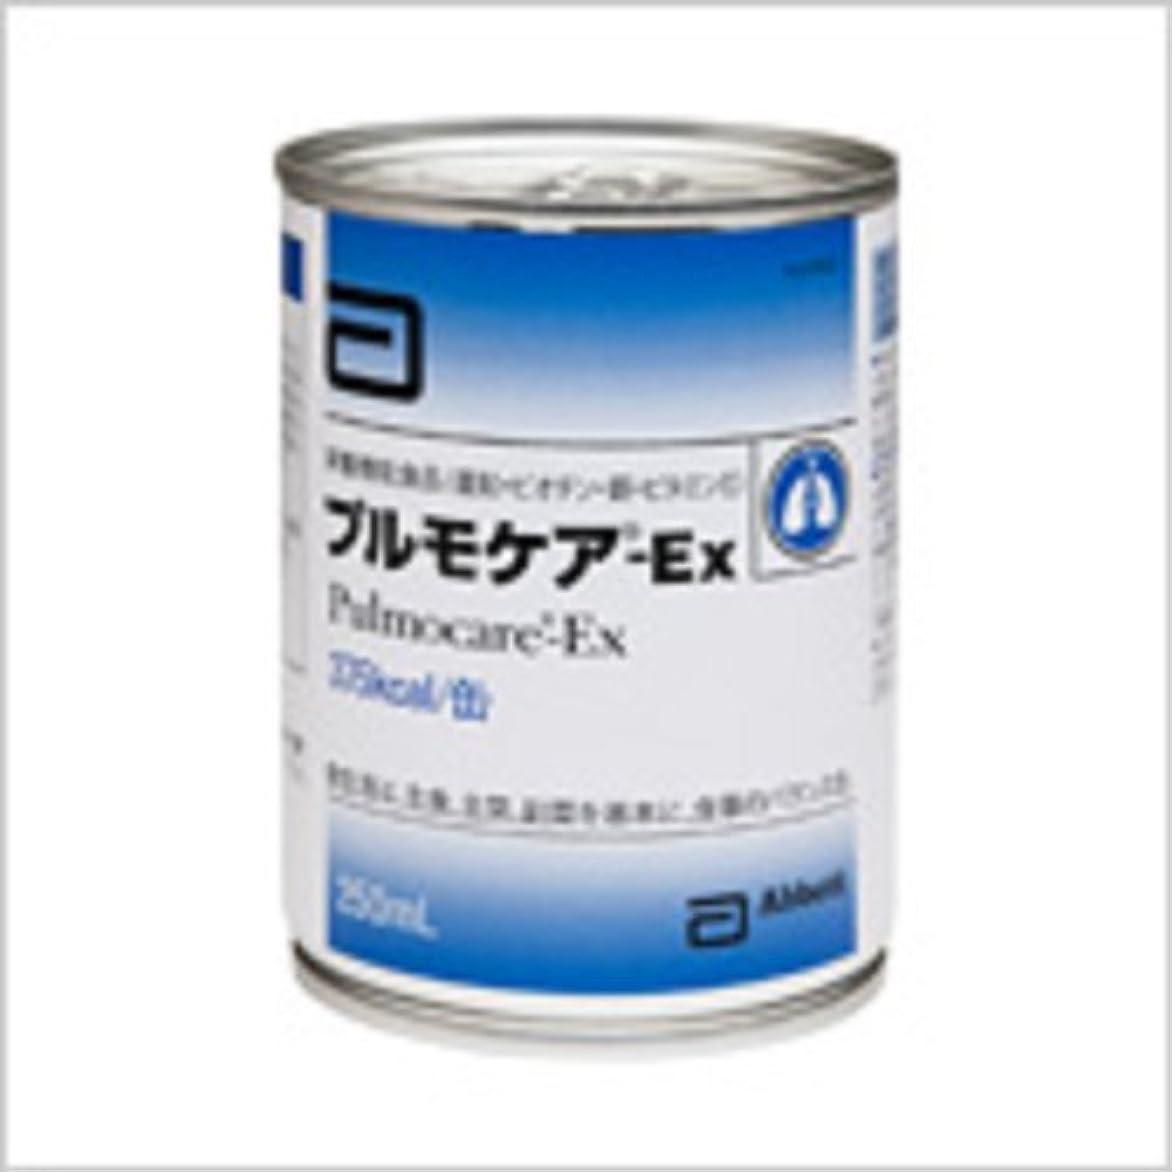 節約ようこそ料理をするプルモケア-EX 250ml×24缶